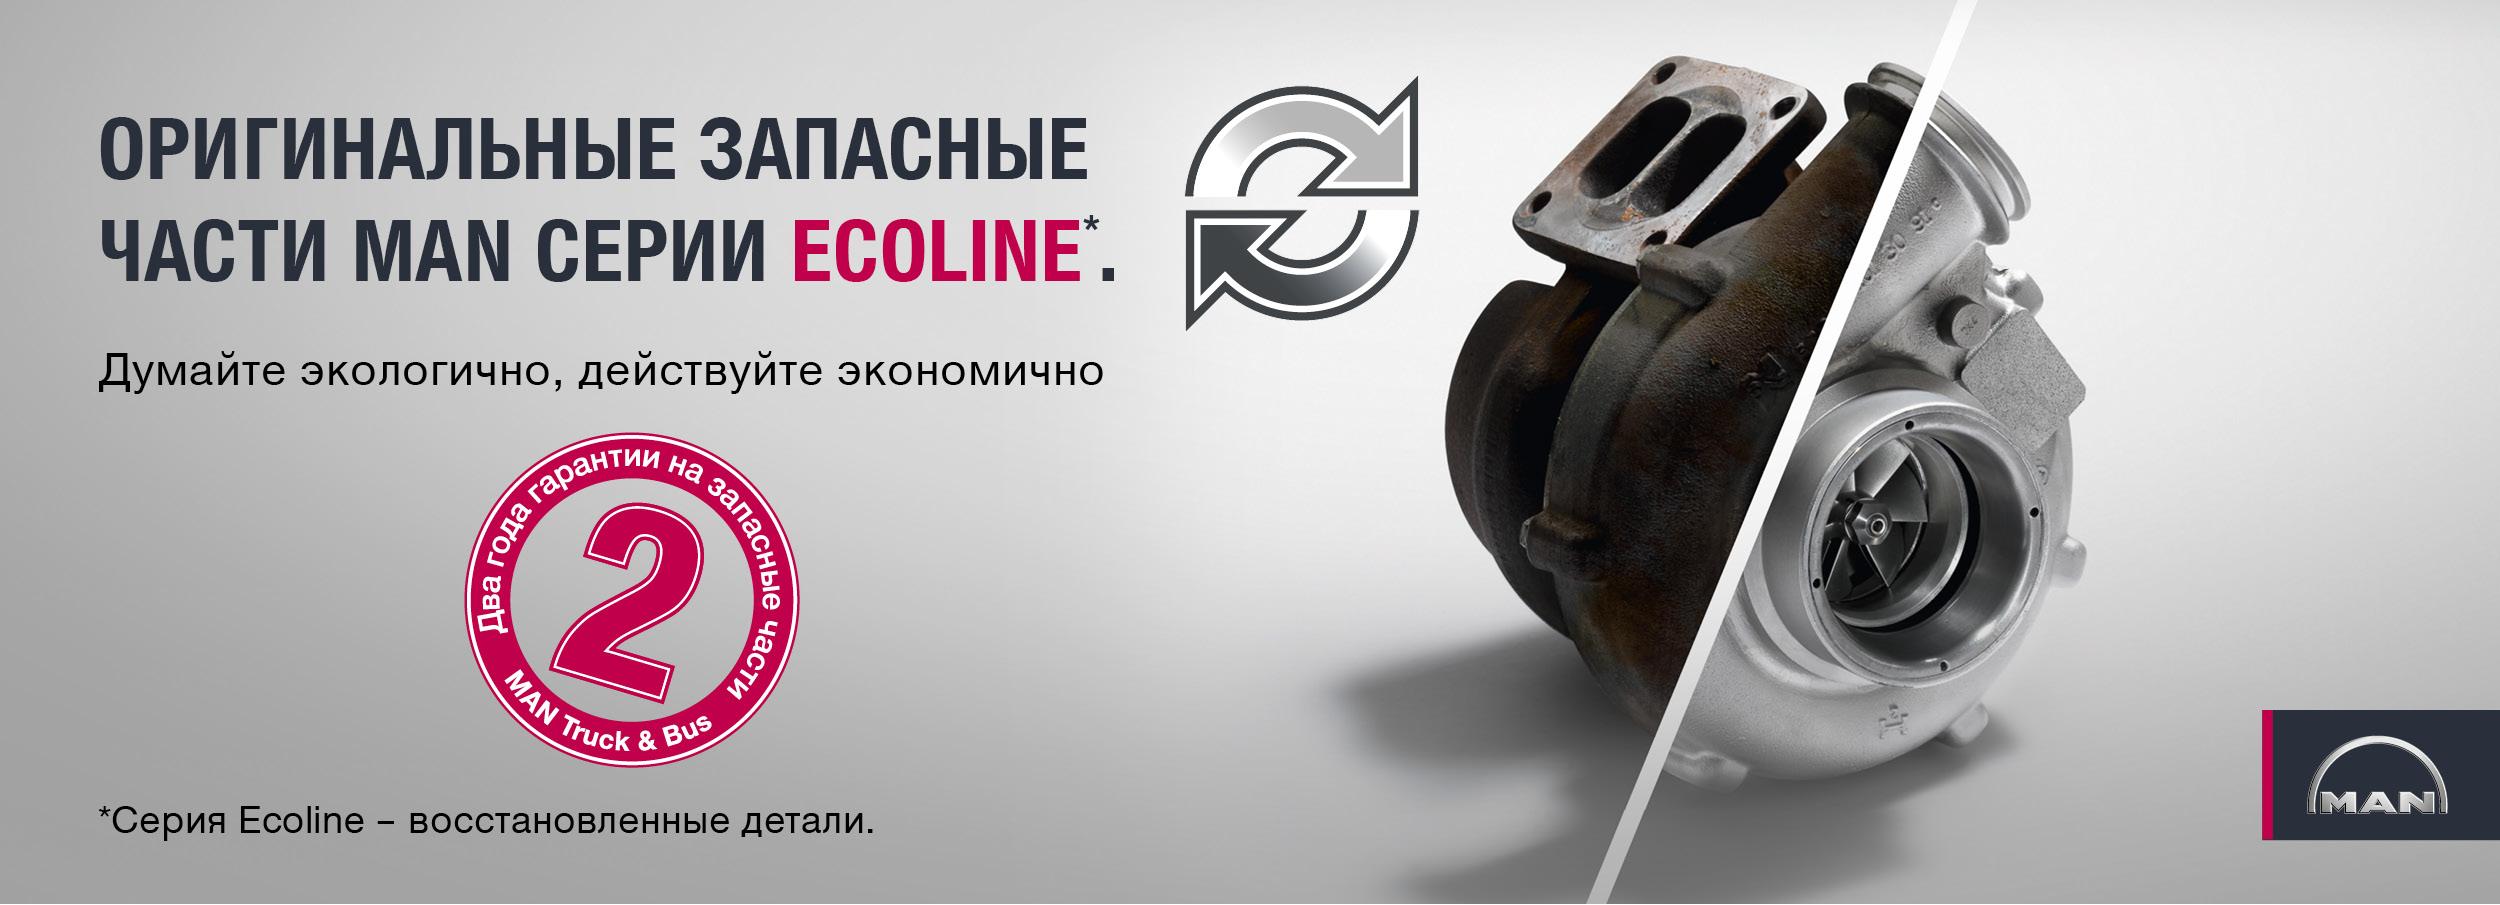 Оригинальные запасные части MAN серии ecoline